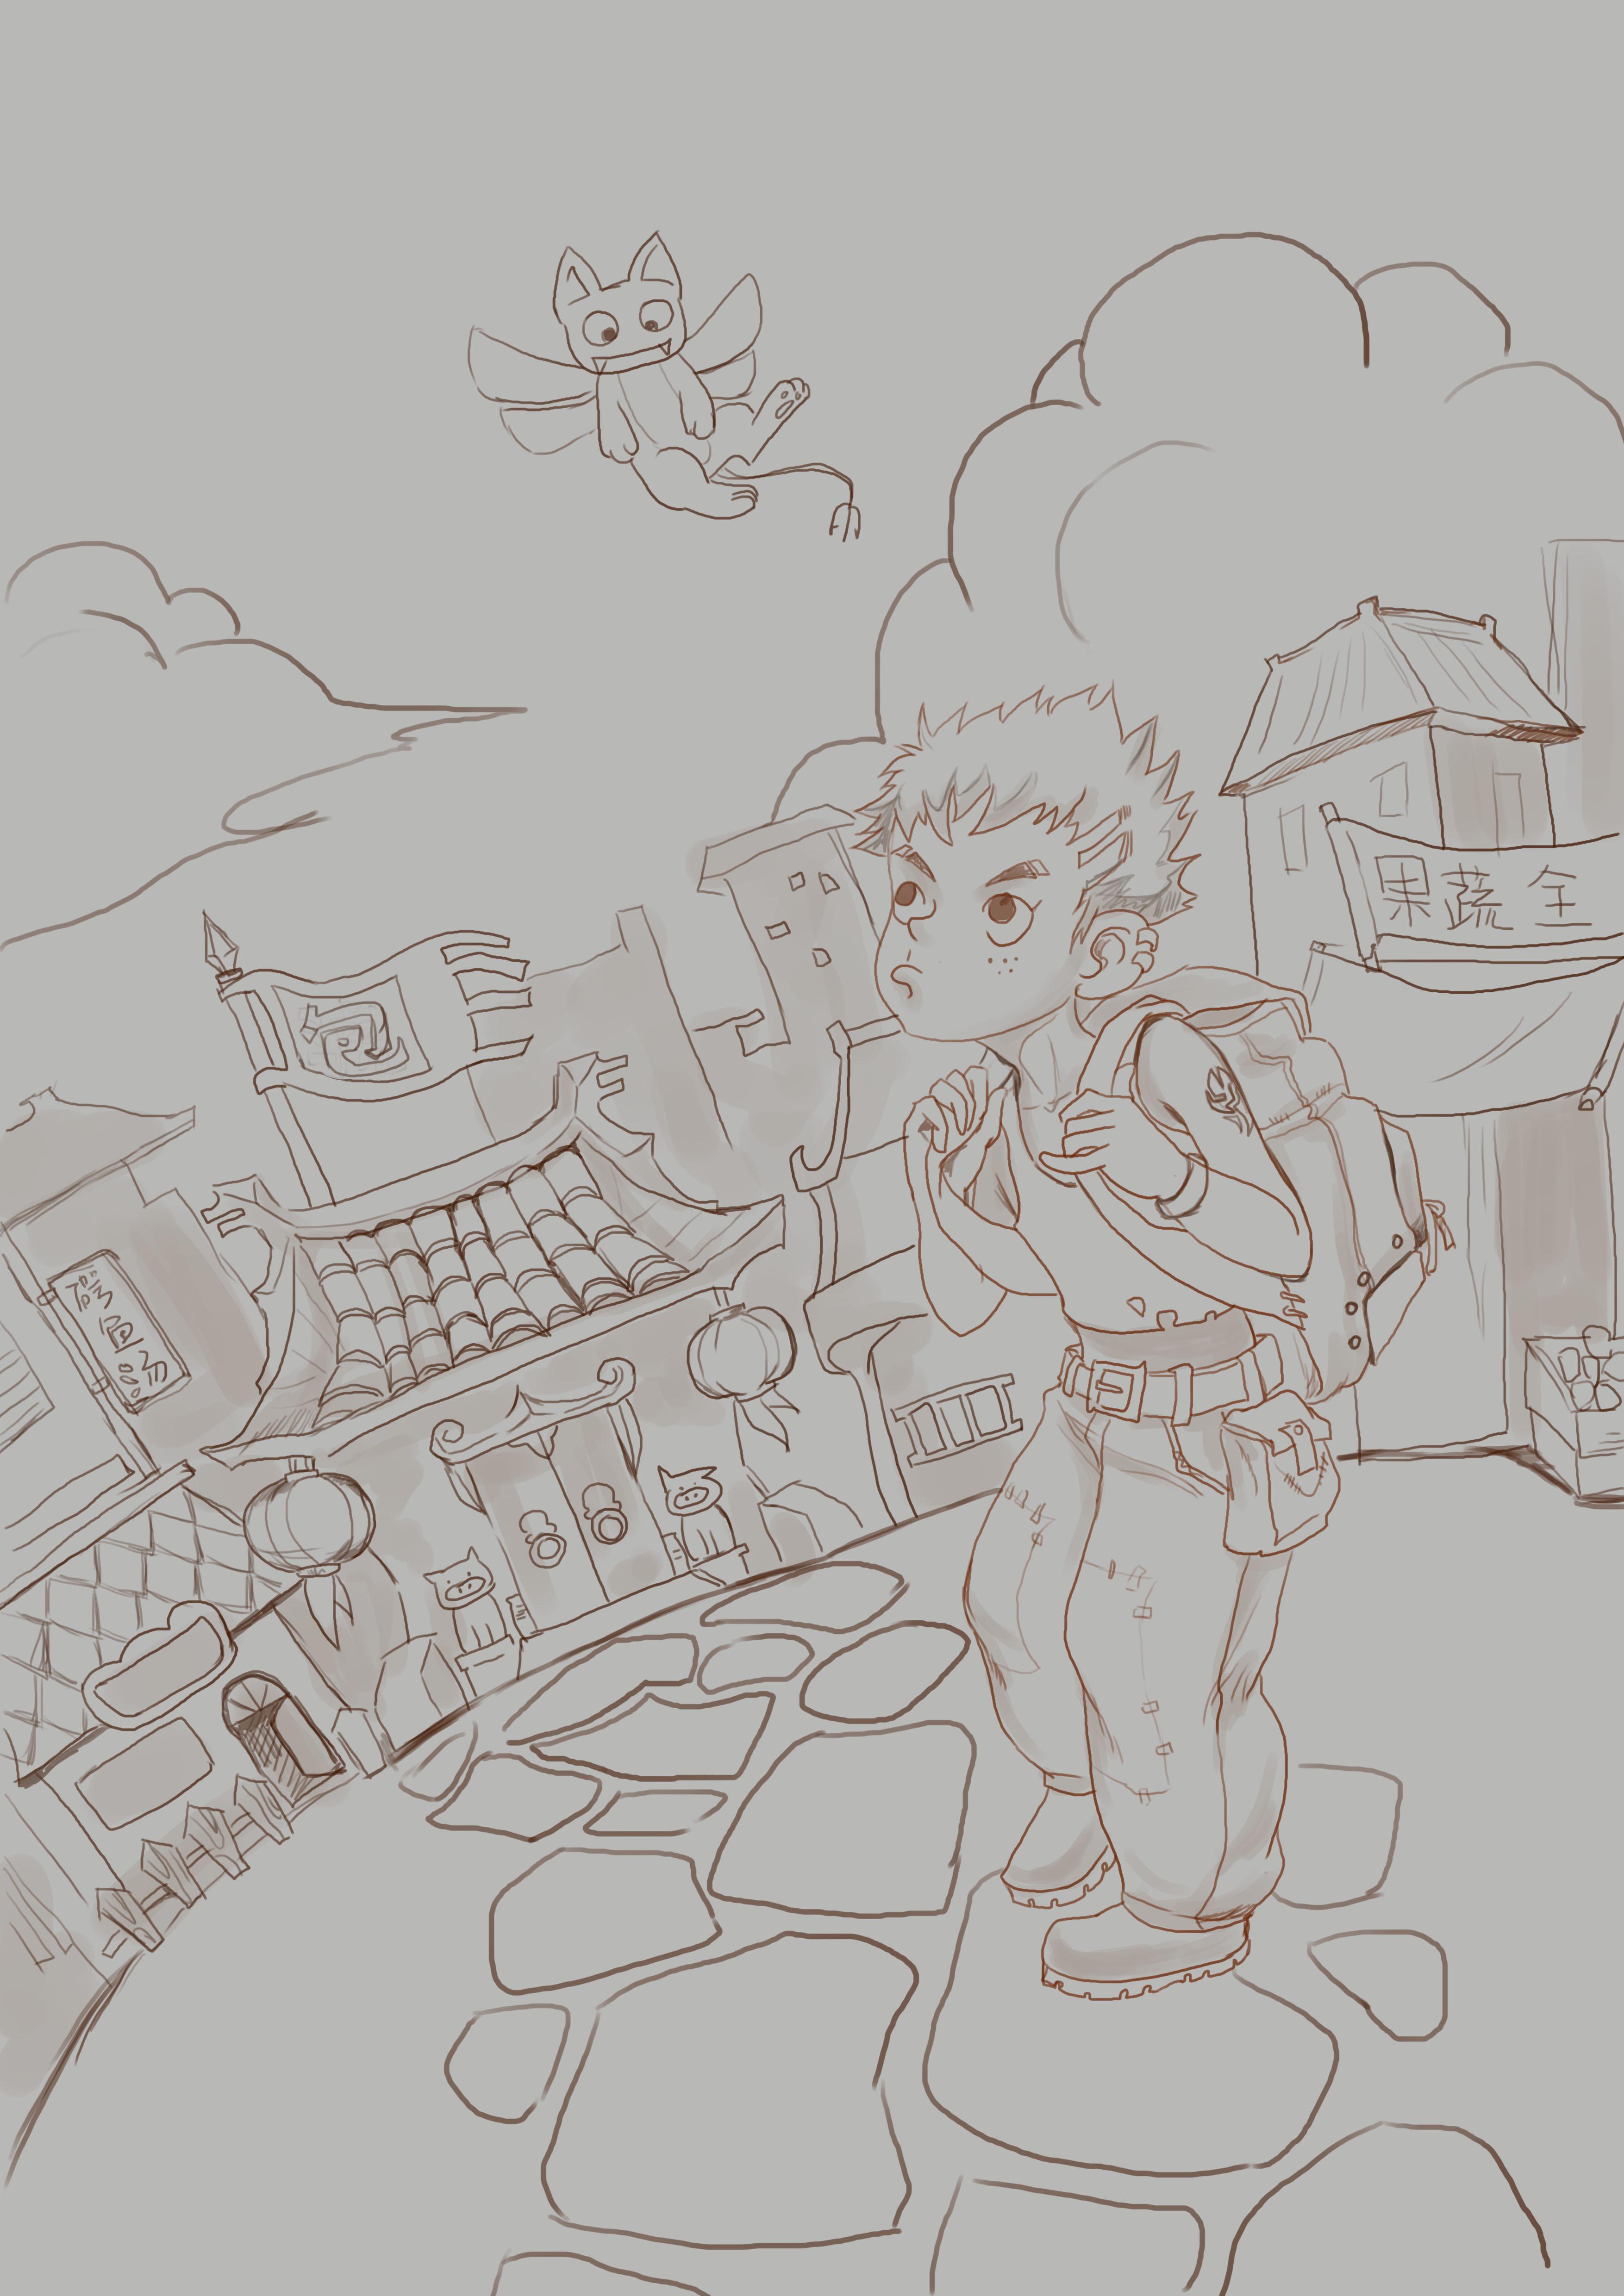 关于旅行的简笔画